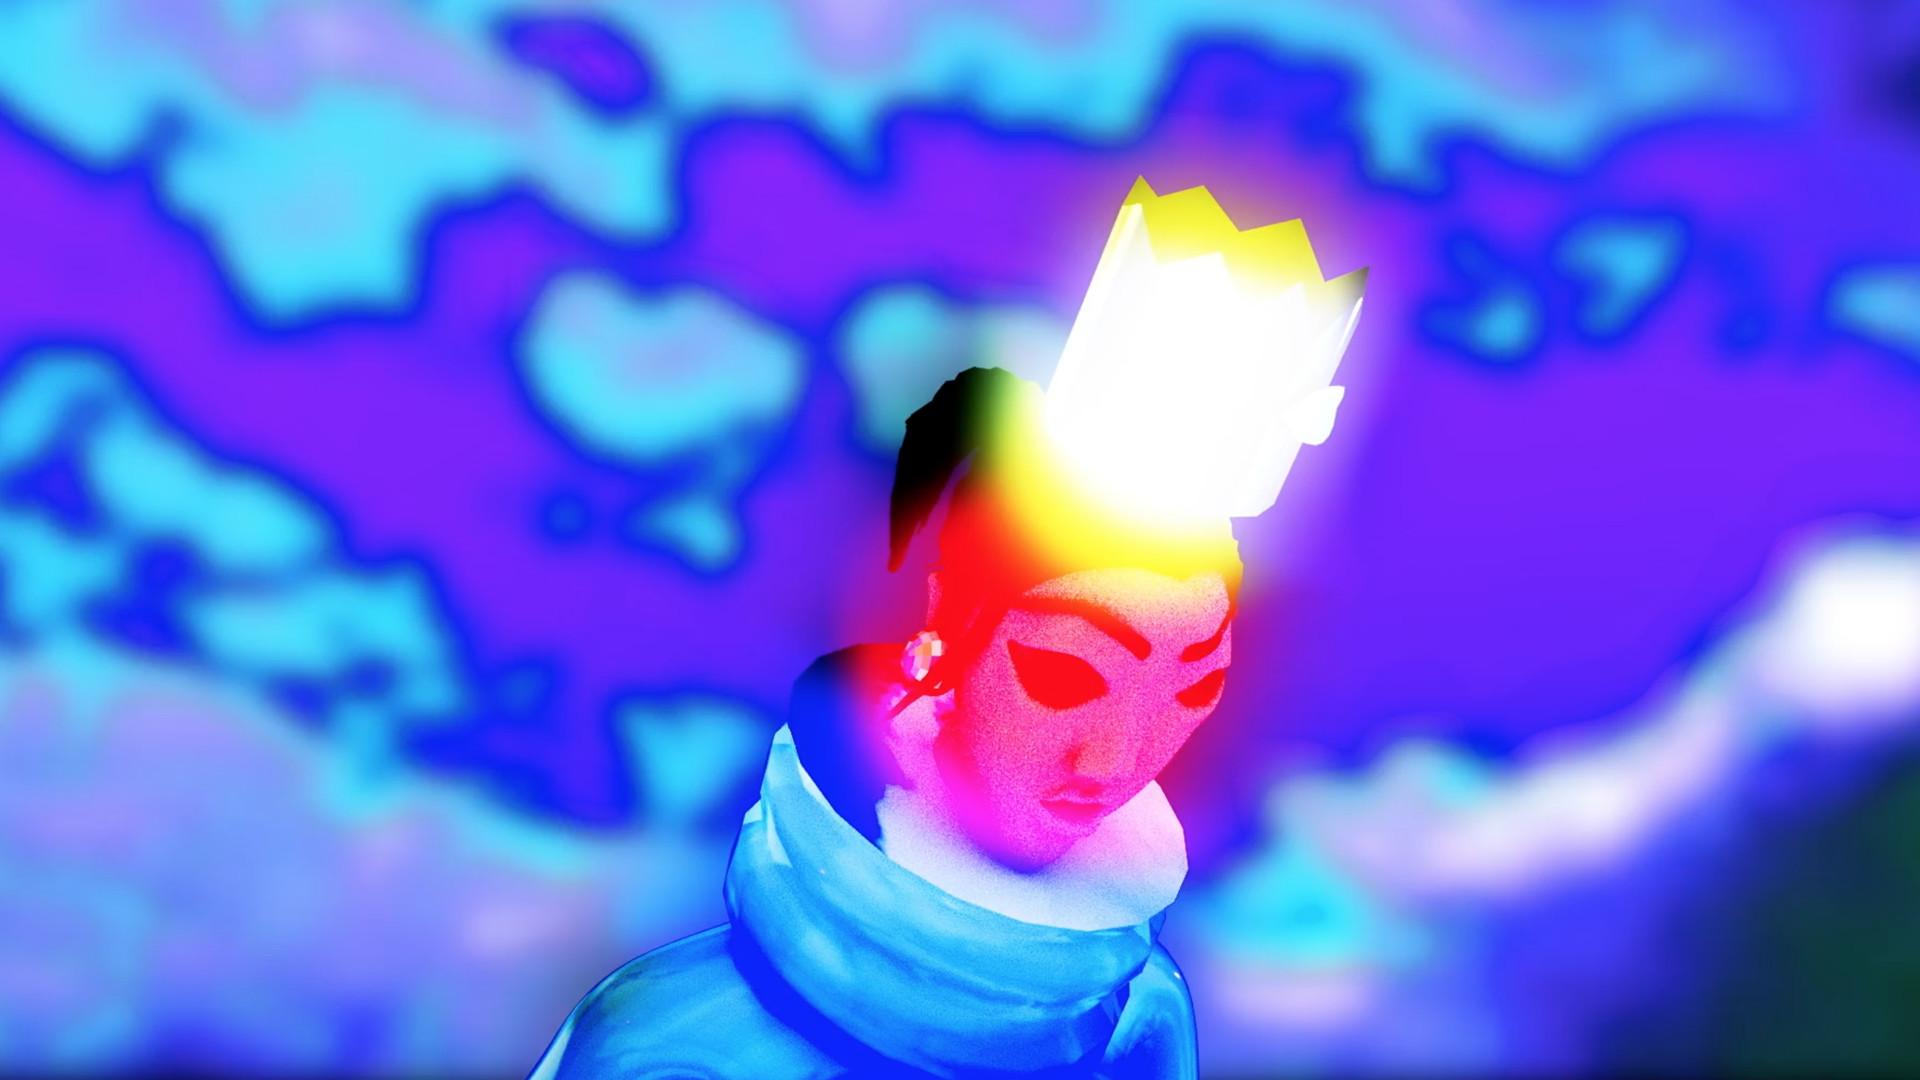 Glowingqueen